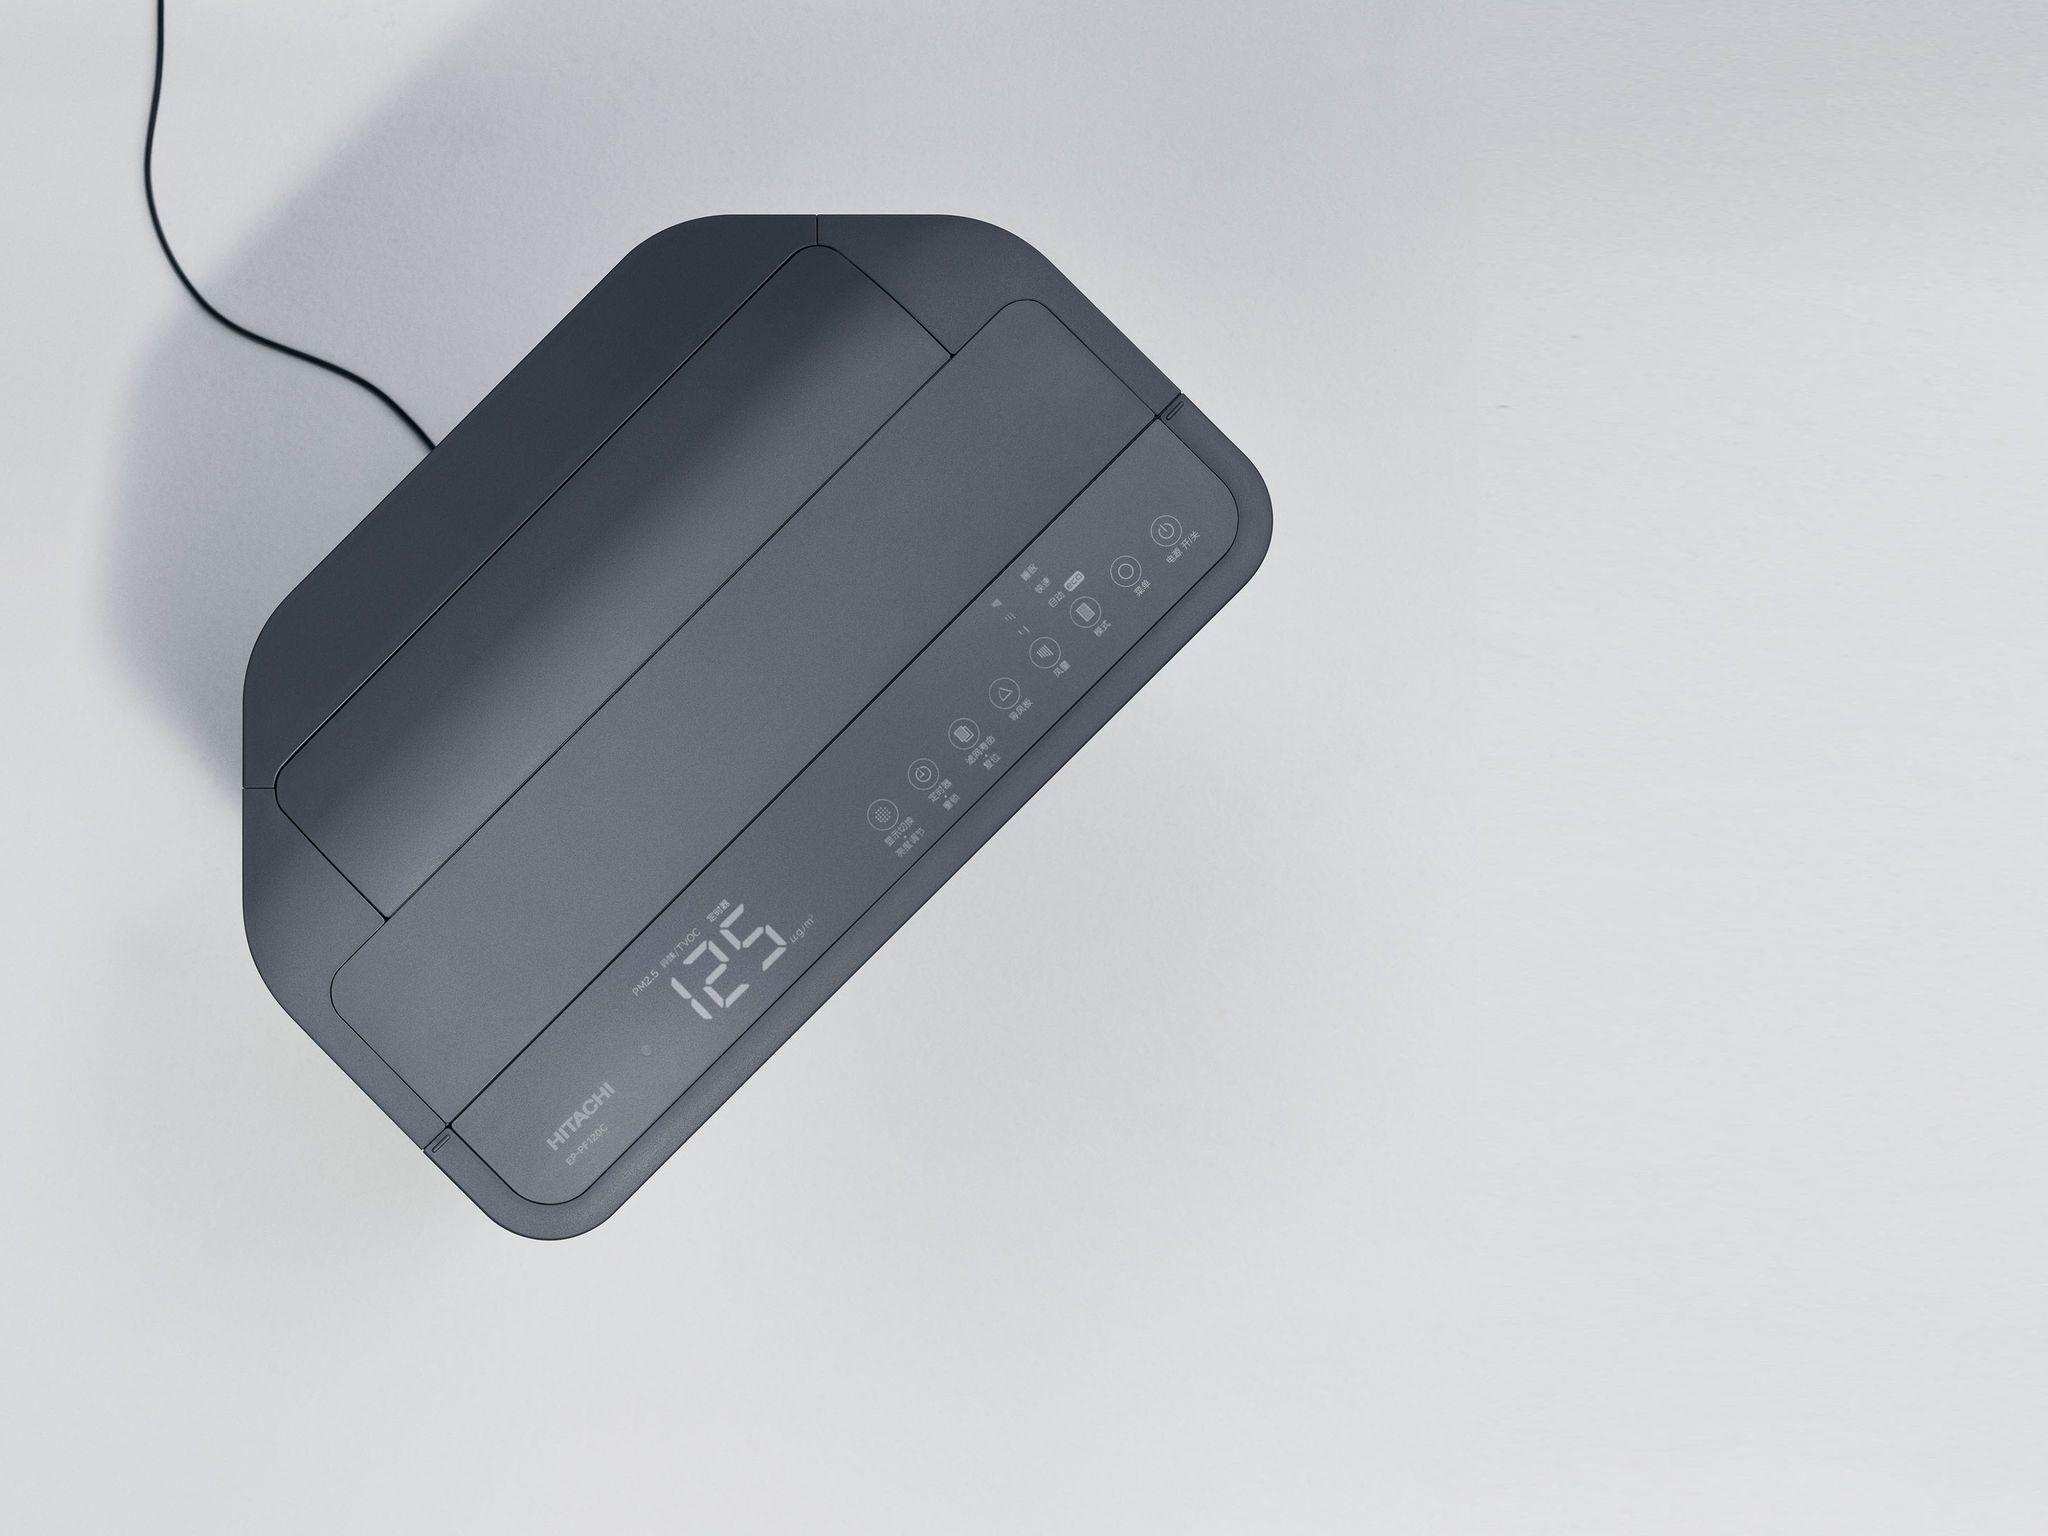 日立空气净化器EPPF120C系列 iF世界设计指南 in 2020 Air purifier, Air